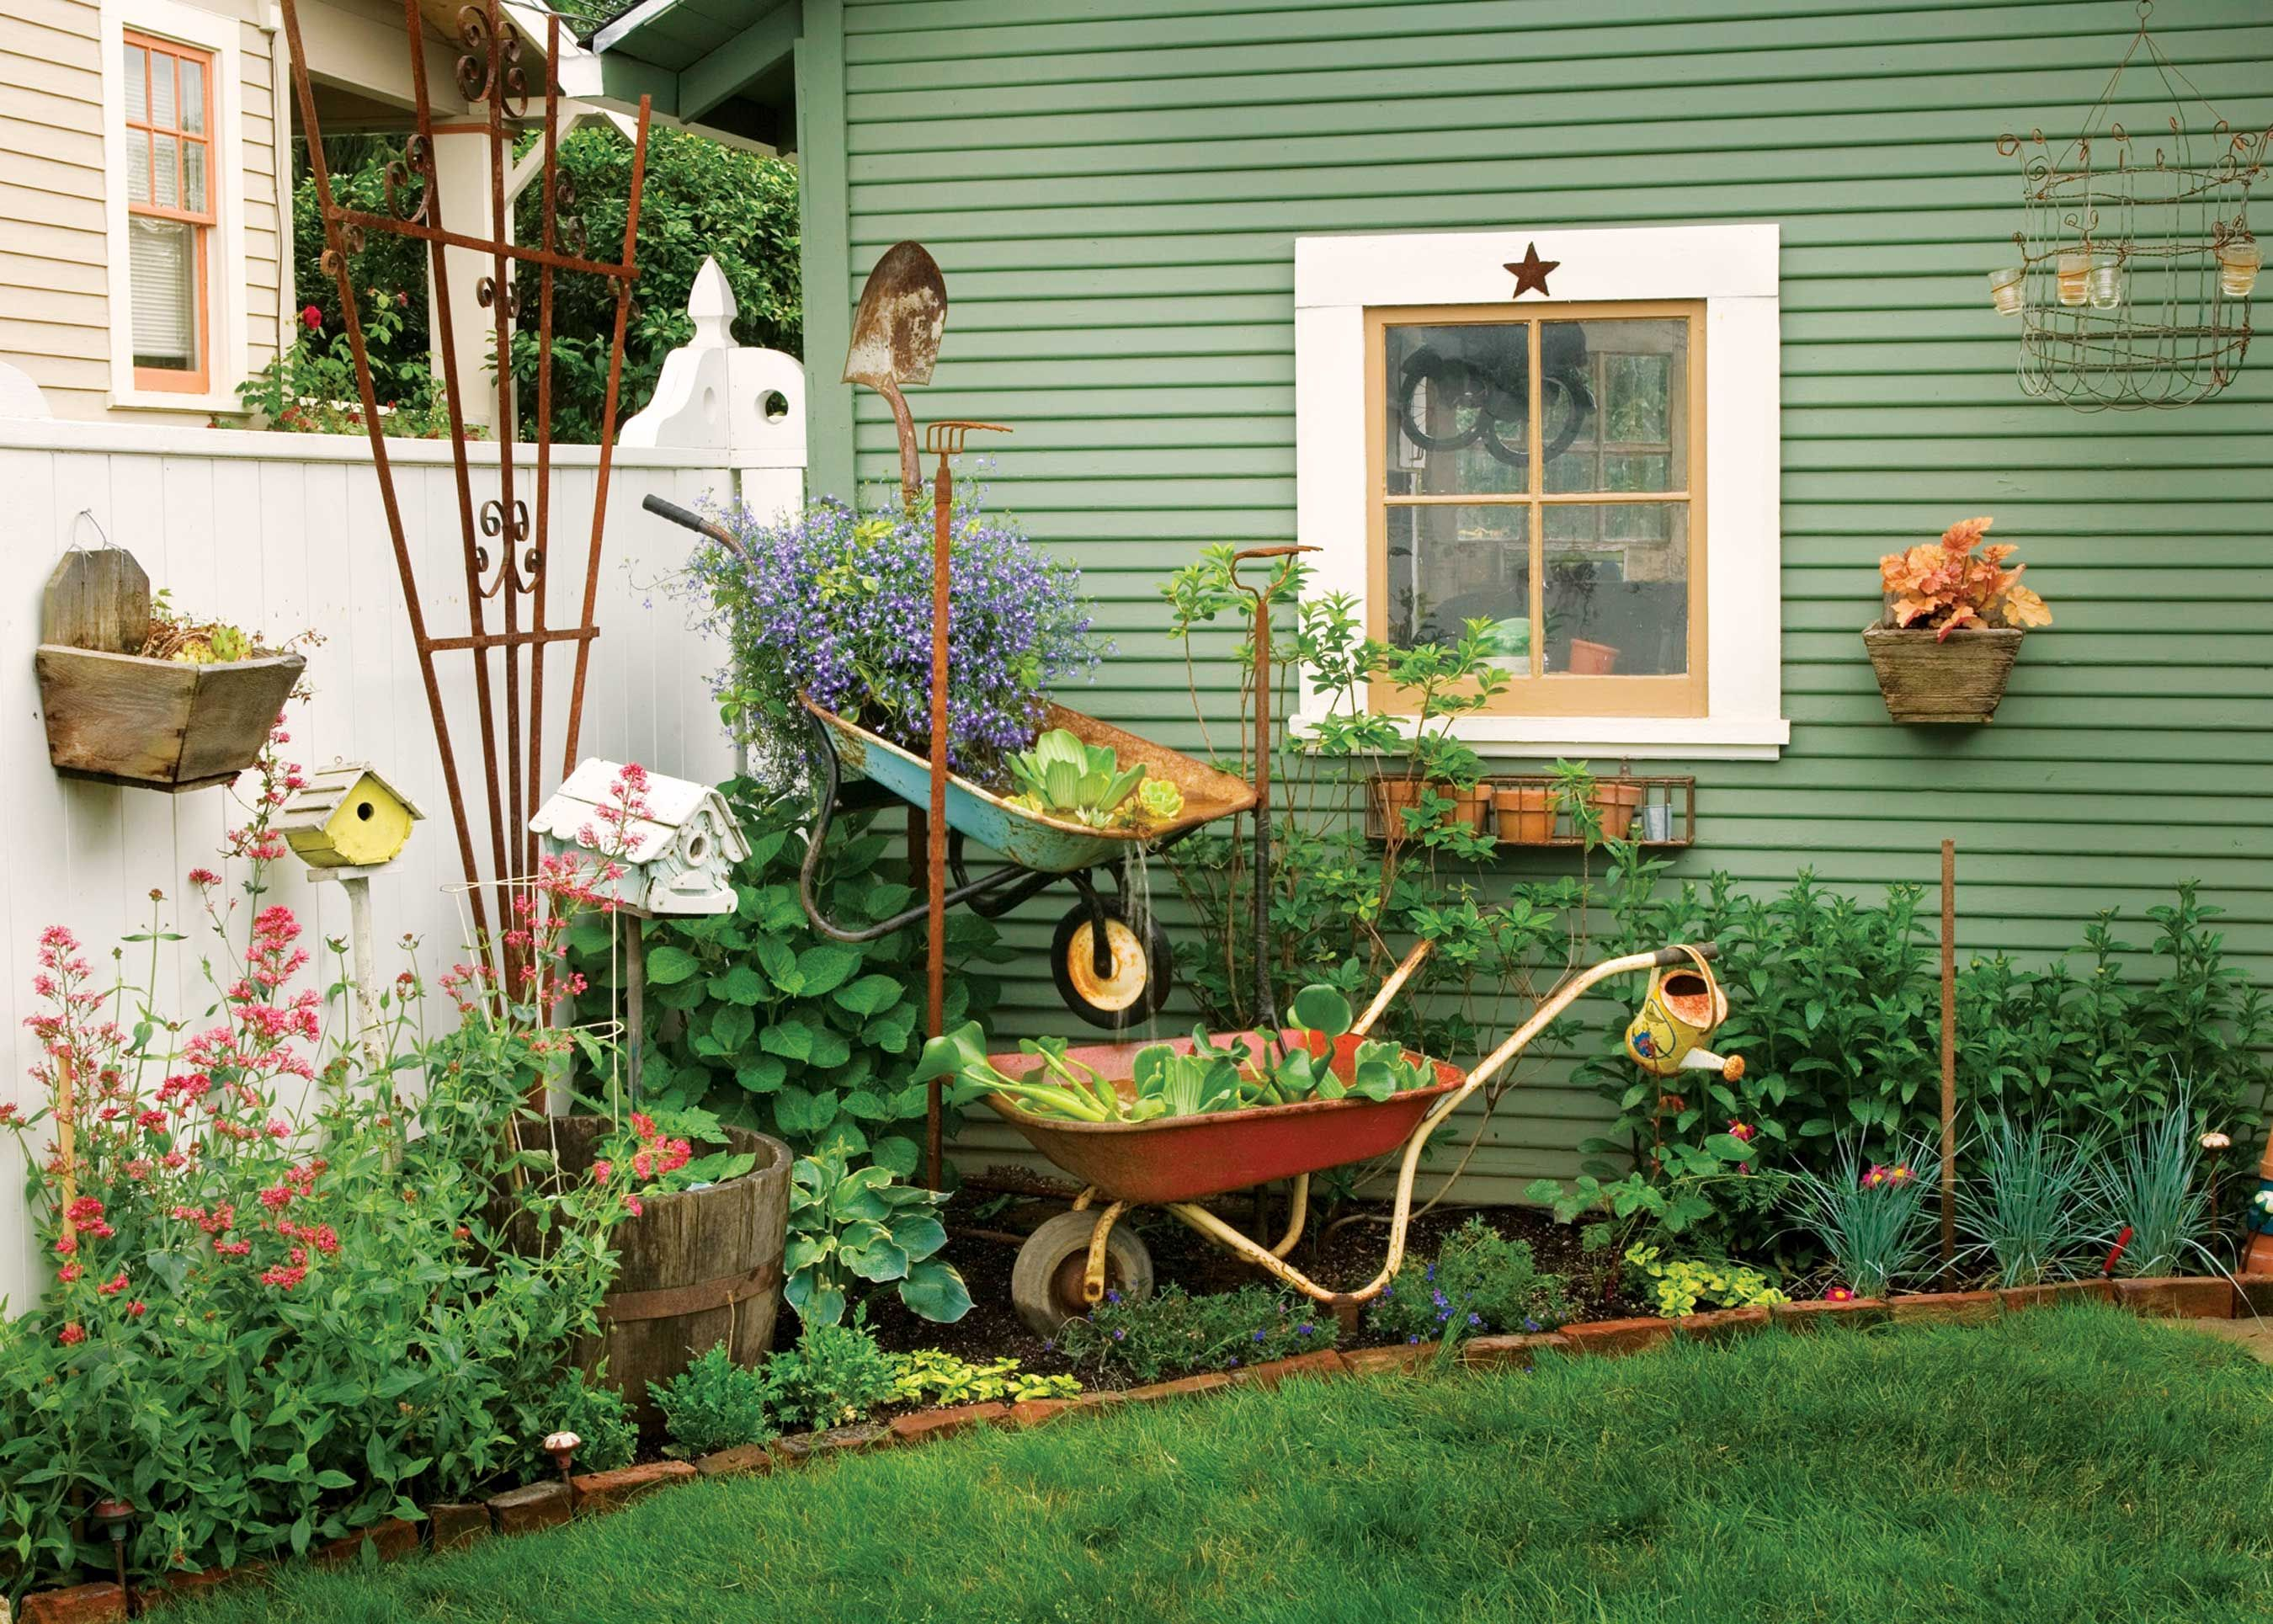 Wheelbarrow Crafts - Ways to Repurpose a Wheelbarrow